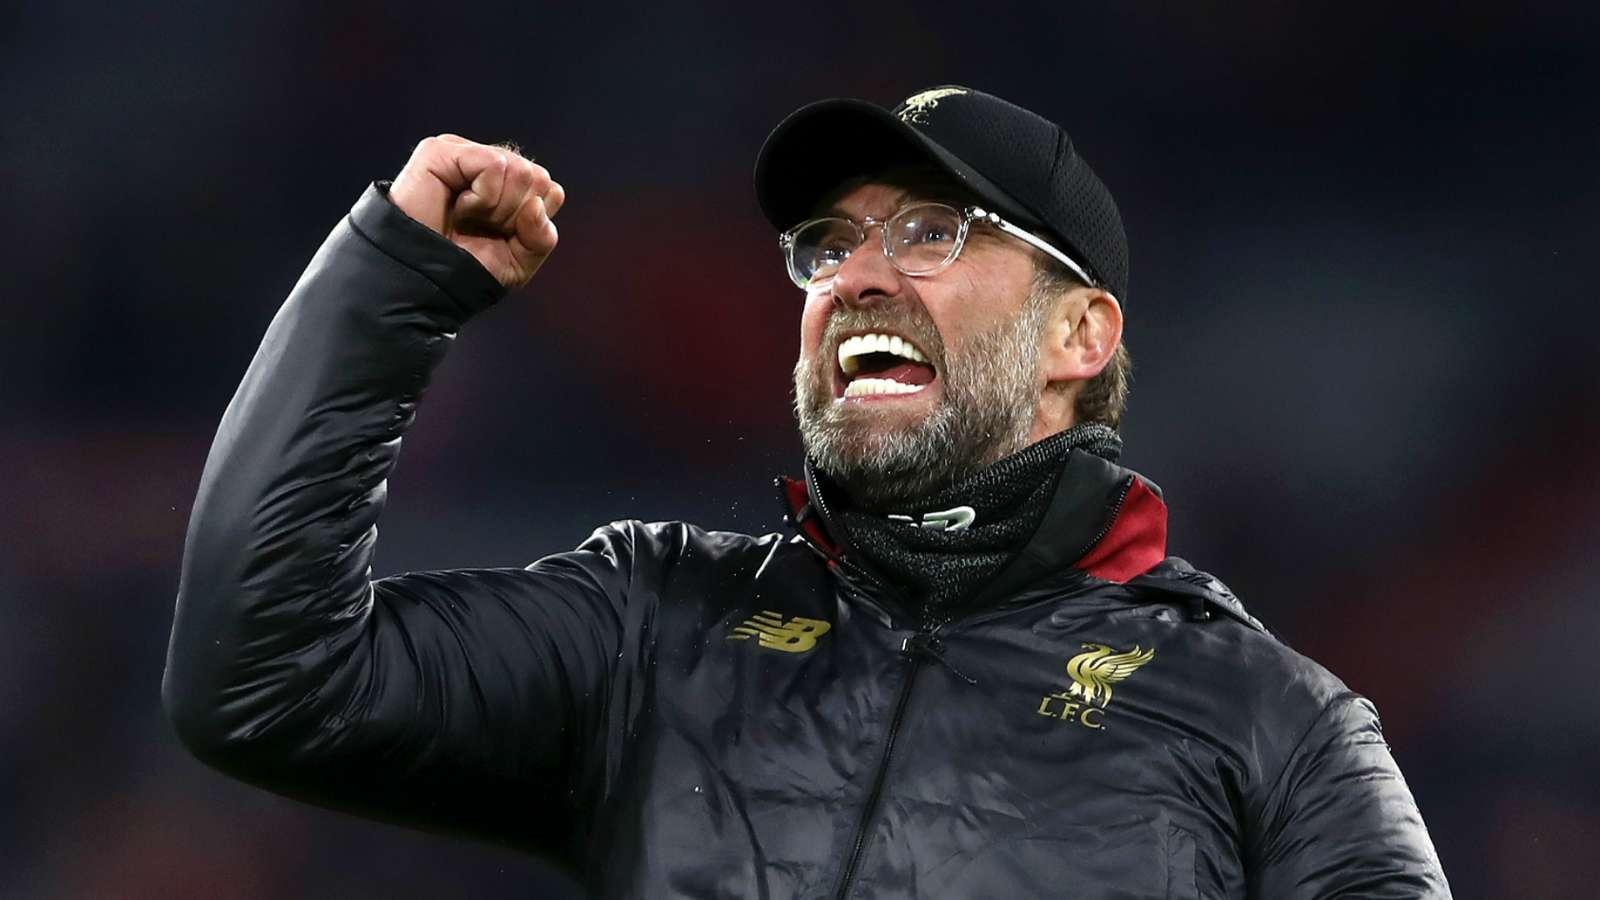 Rafa benitez nói điều này sau thất bại cay đắng trước Liverpool - Bóng Đá